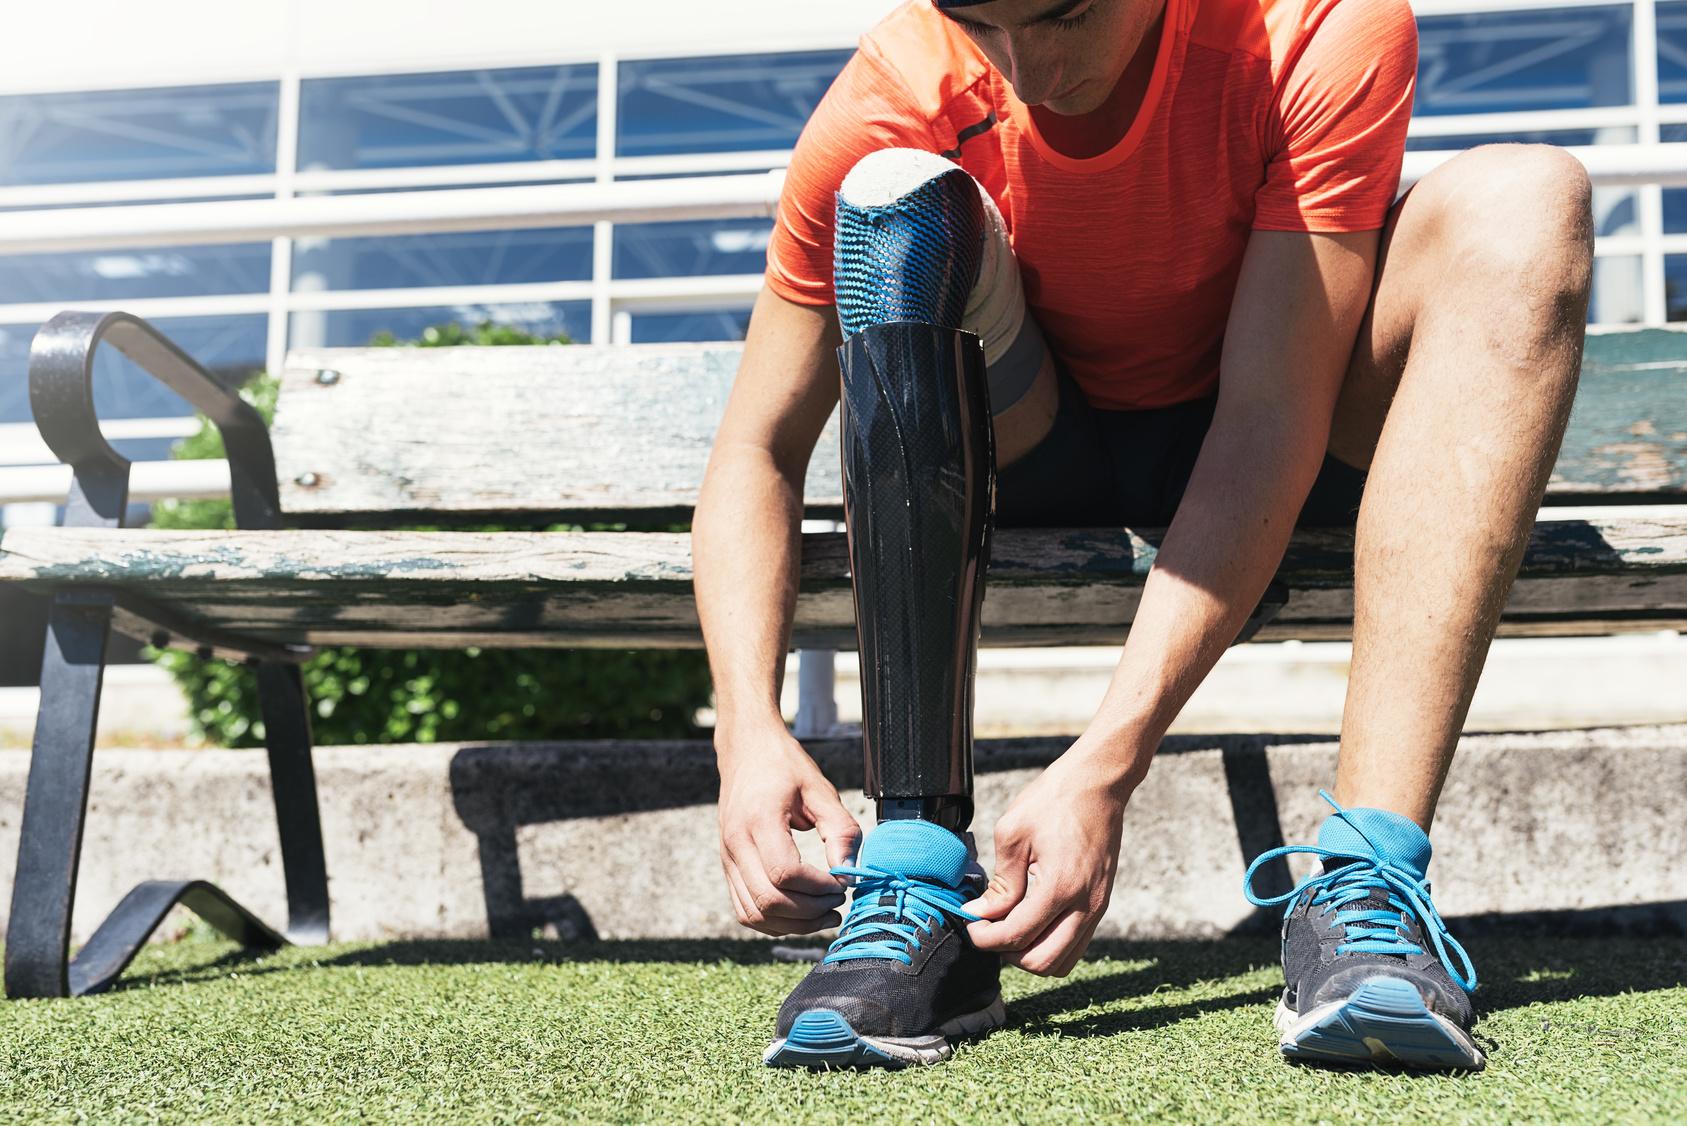 Ein junger Mann mit einer Beinprothese schnürt sich die Sportschuhe